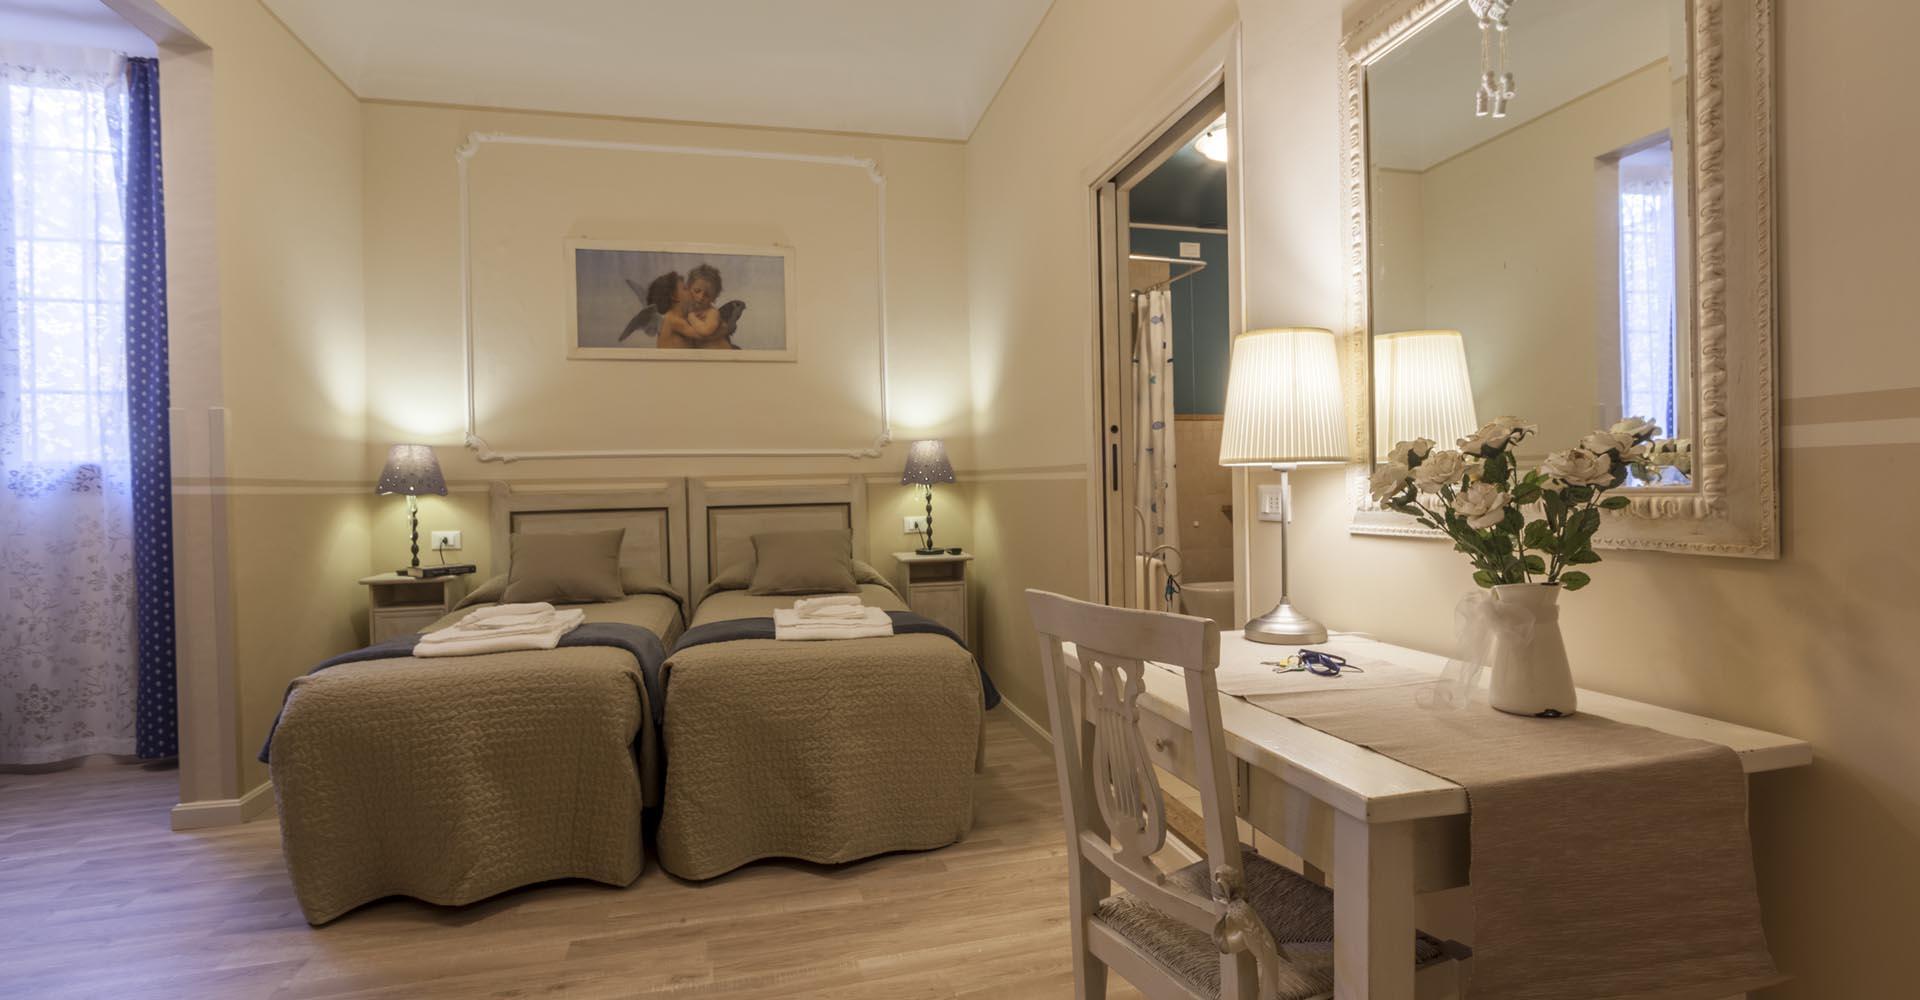 Bed and breakfast in florence soggiorno pezzati